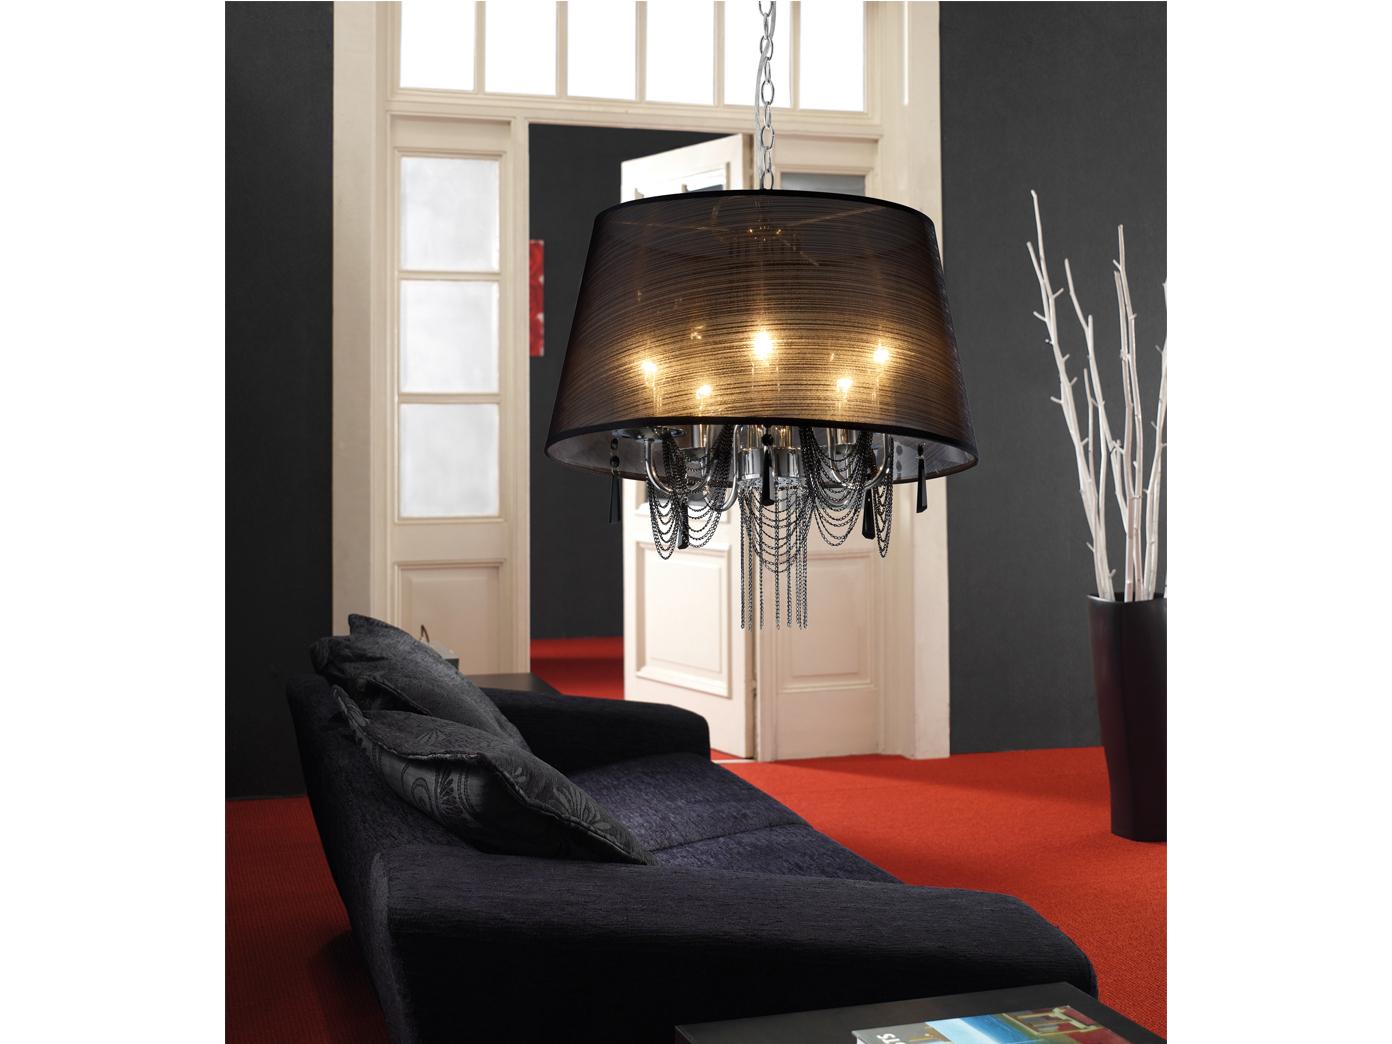 Kronleuchter Barock Schwarz ~ Trio kronleuchter schwarz mit acrylschirm und behang e14 Ø 50 cm